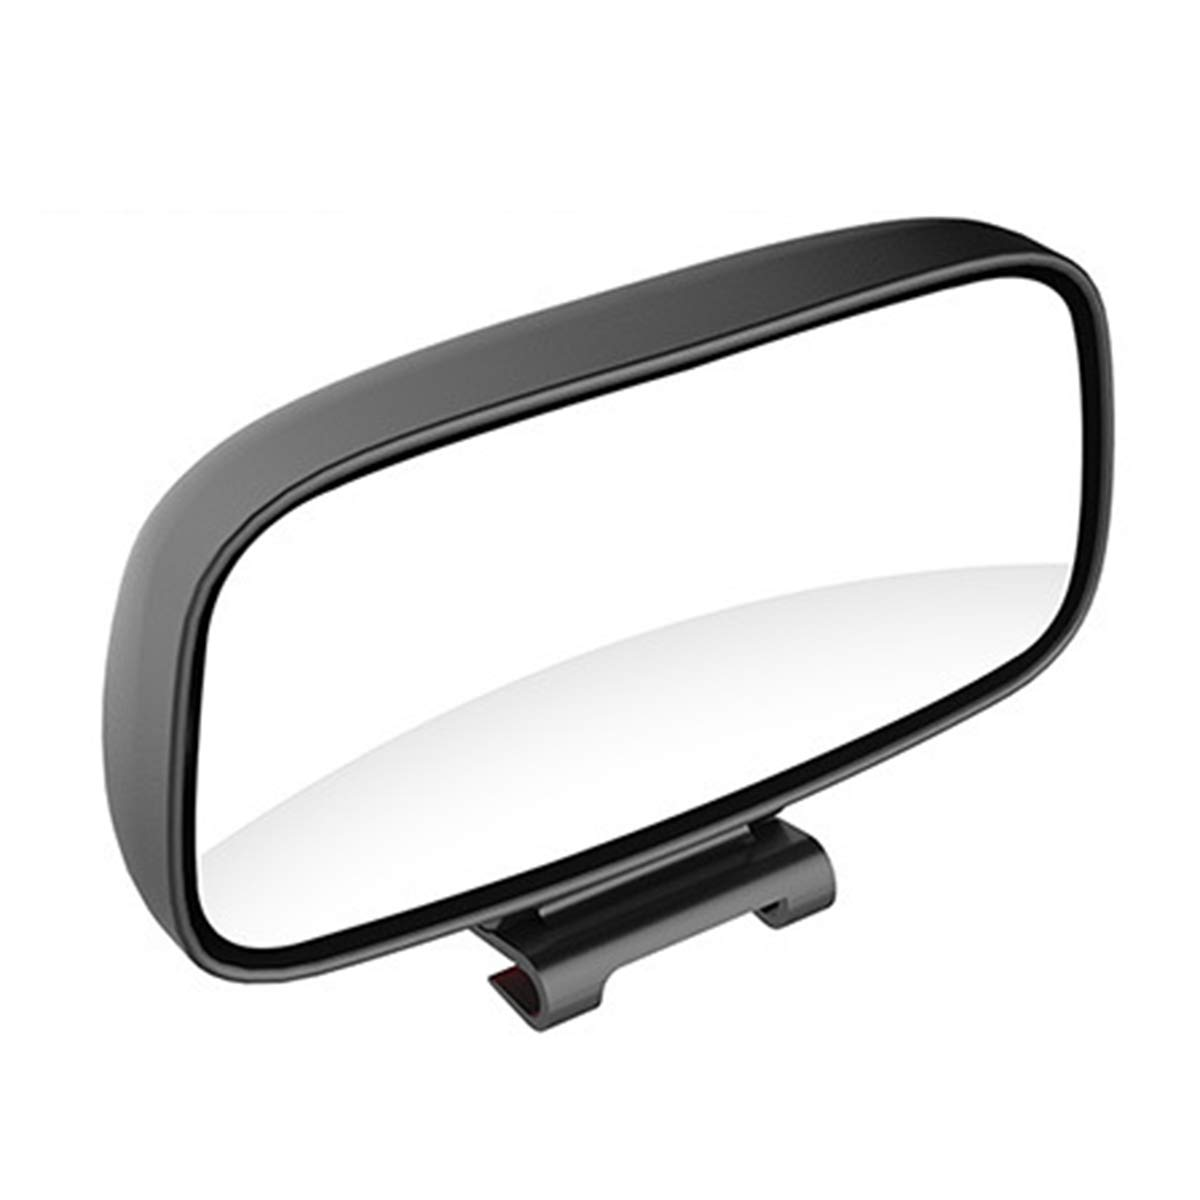 blanco espejo retrovisor auxiliar espejo universal para punto ciego del autom/óvil espejo giratorio de 360 ??/° con /ángulo amplio ajustable 1 psc